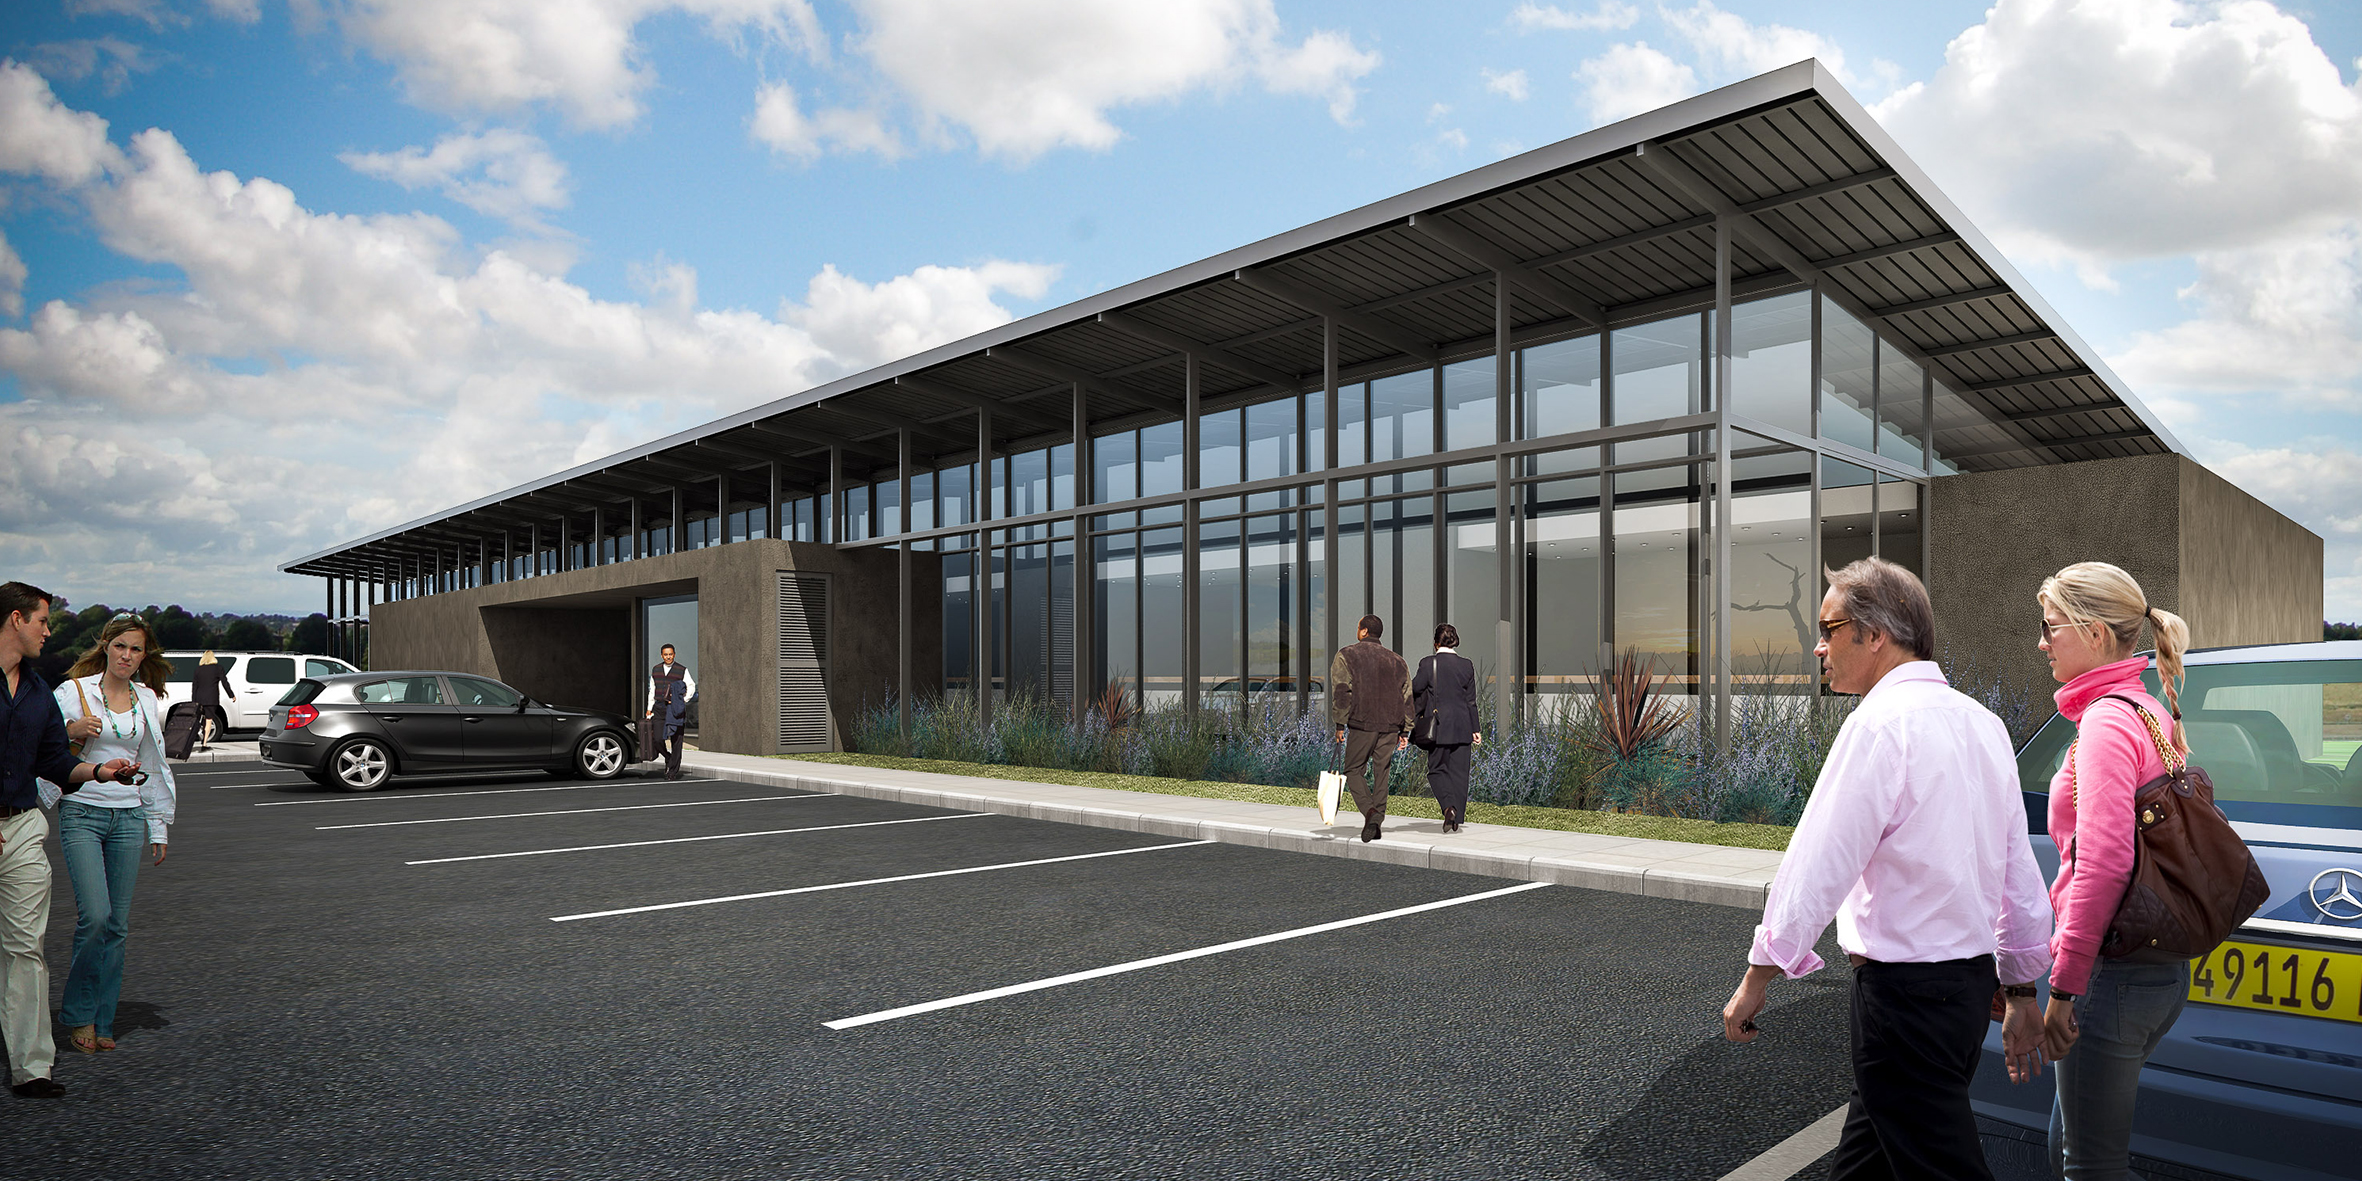 airport car rental, exterior facade